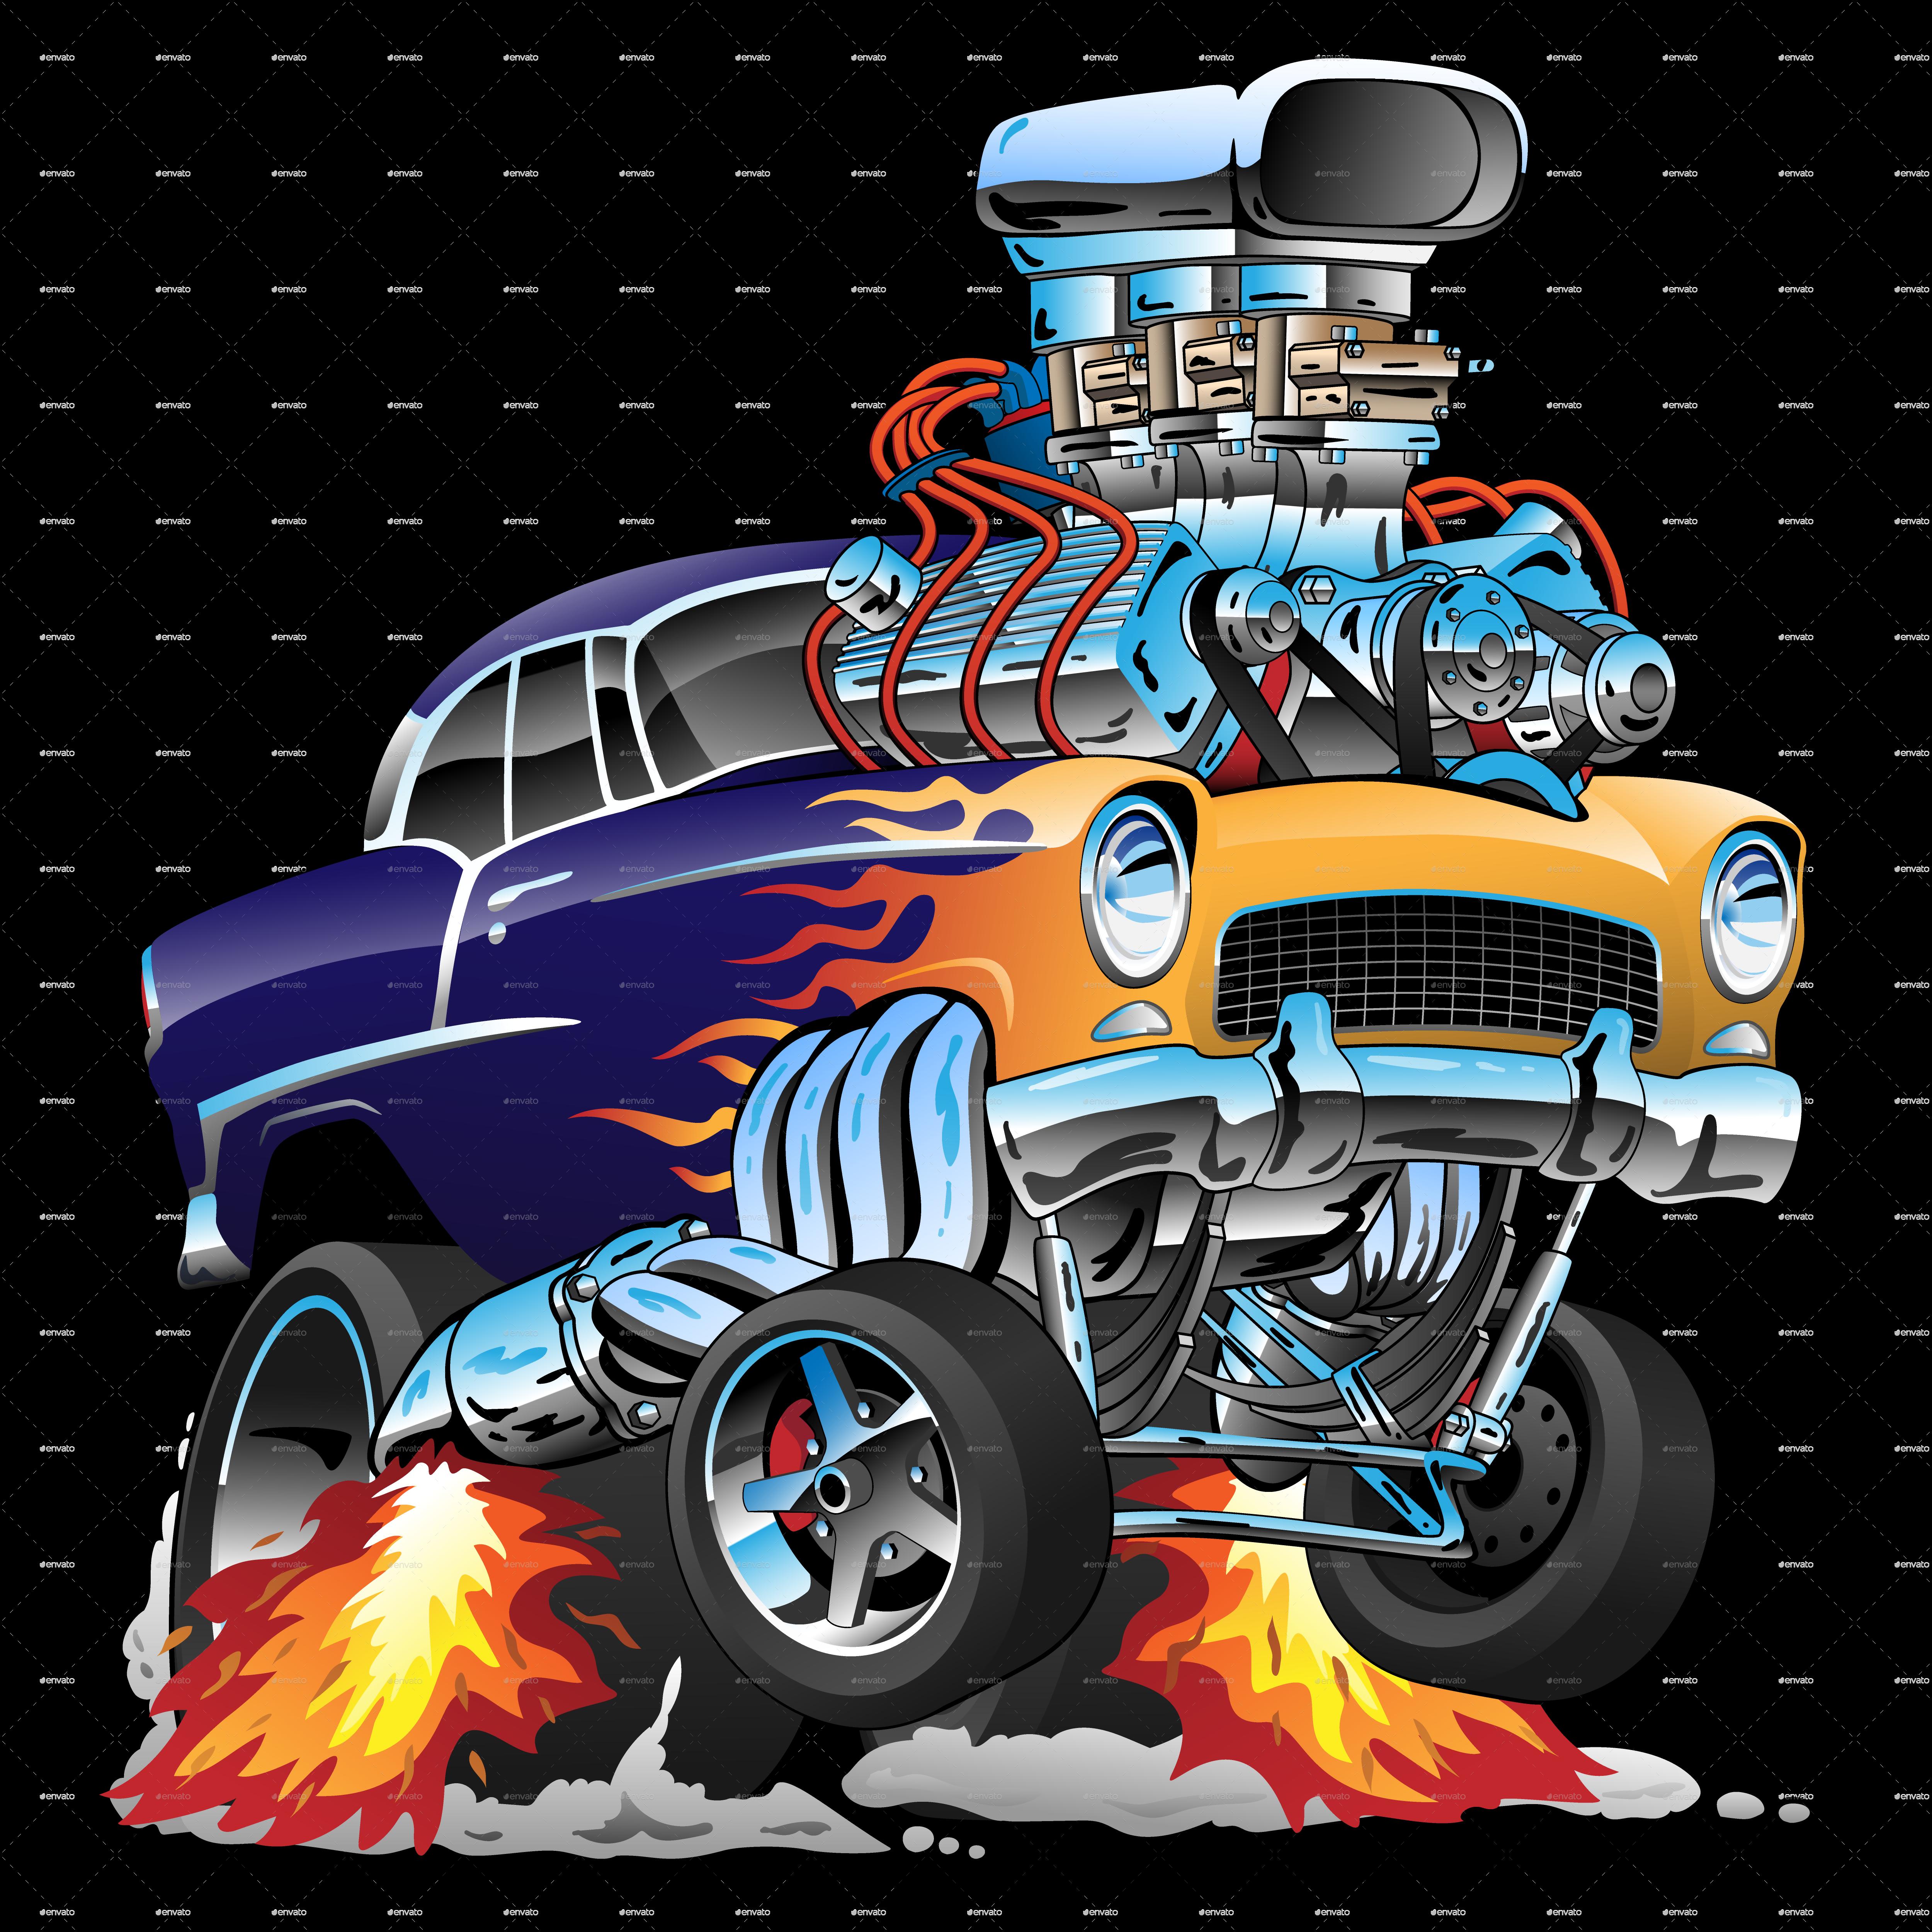 Classic Hot Rod Cool Car Drawings Car Cartoon Hot Rods Cars